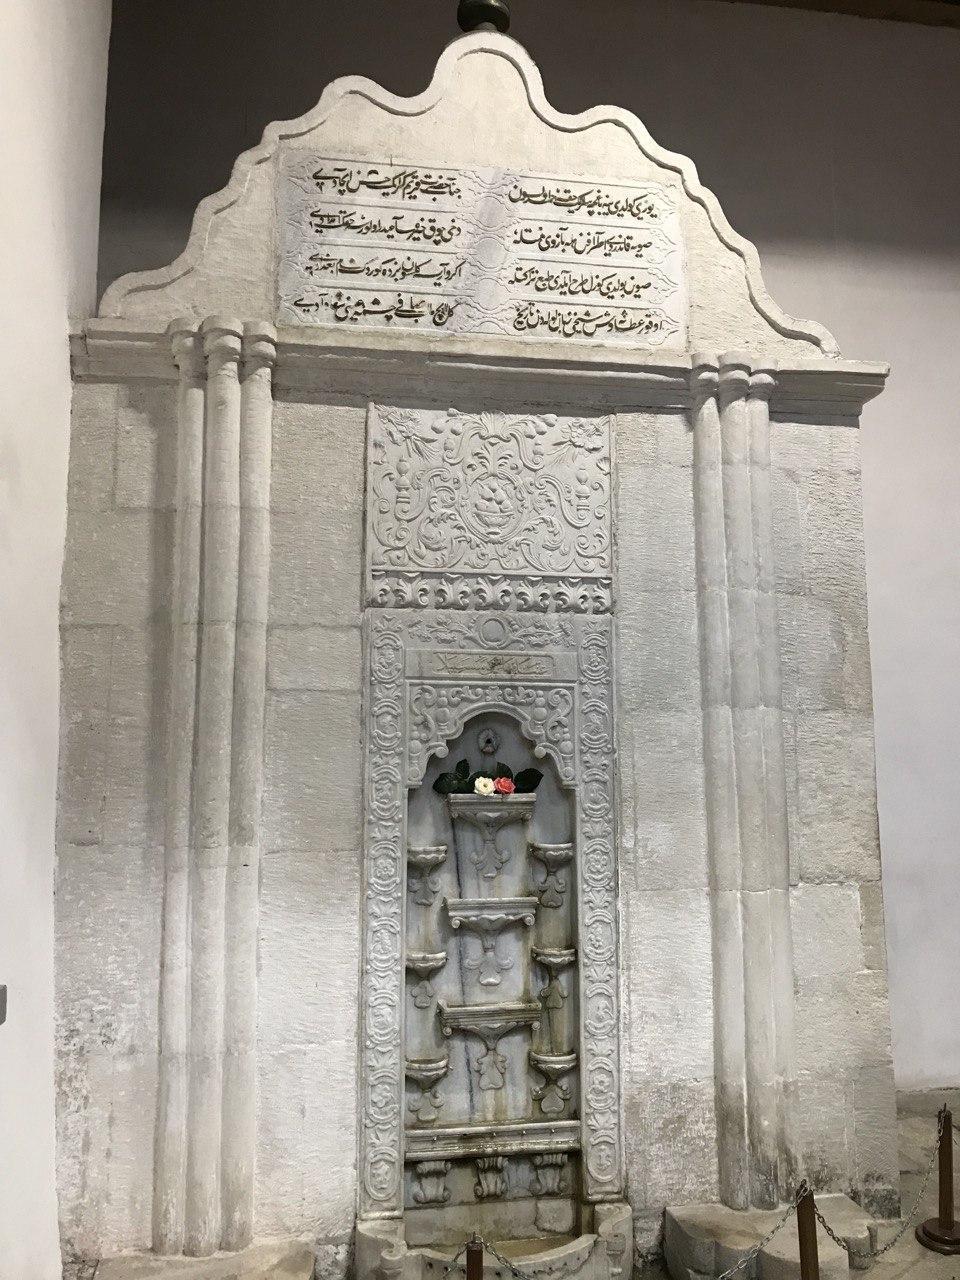 Тот самый Бахчисарайский фонтан, воспетый Пушкиным